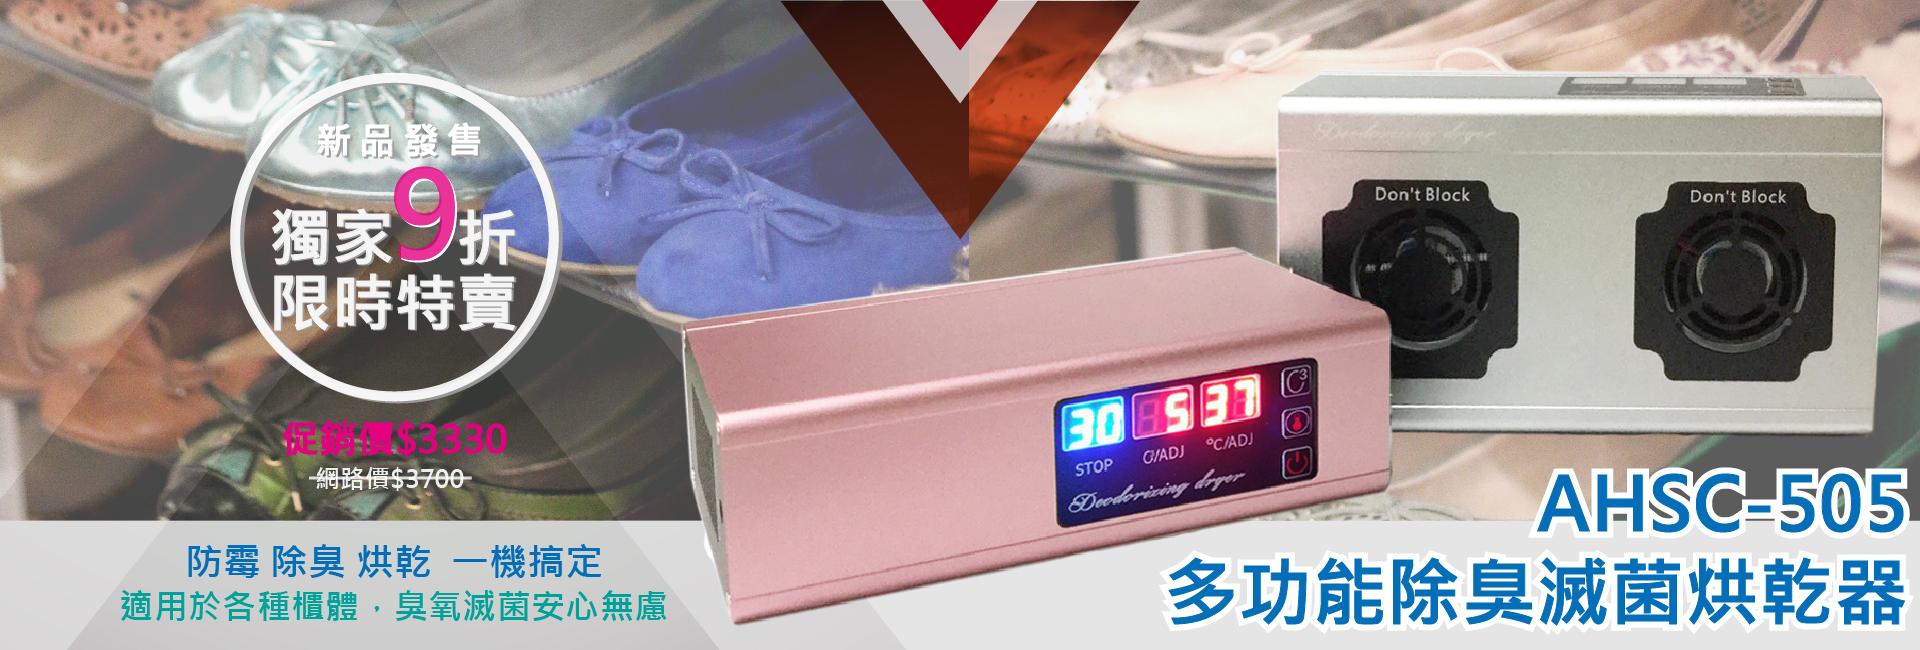 多功能除臭滅菌烘乾器新品發售限時特價